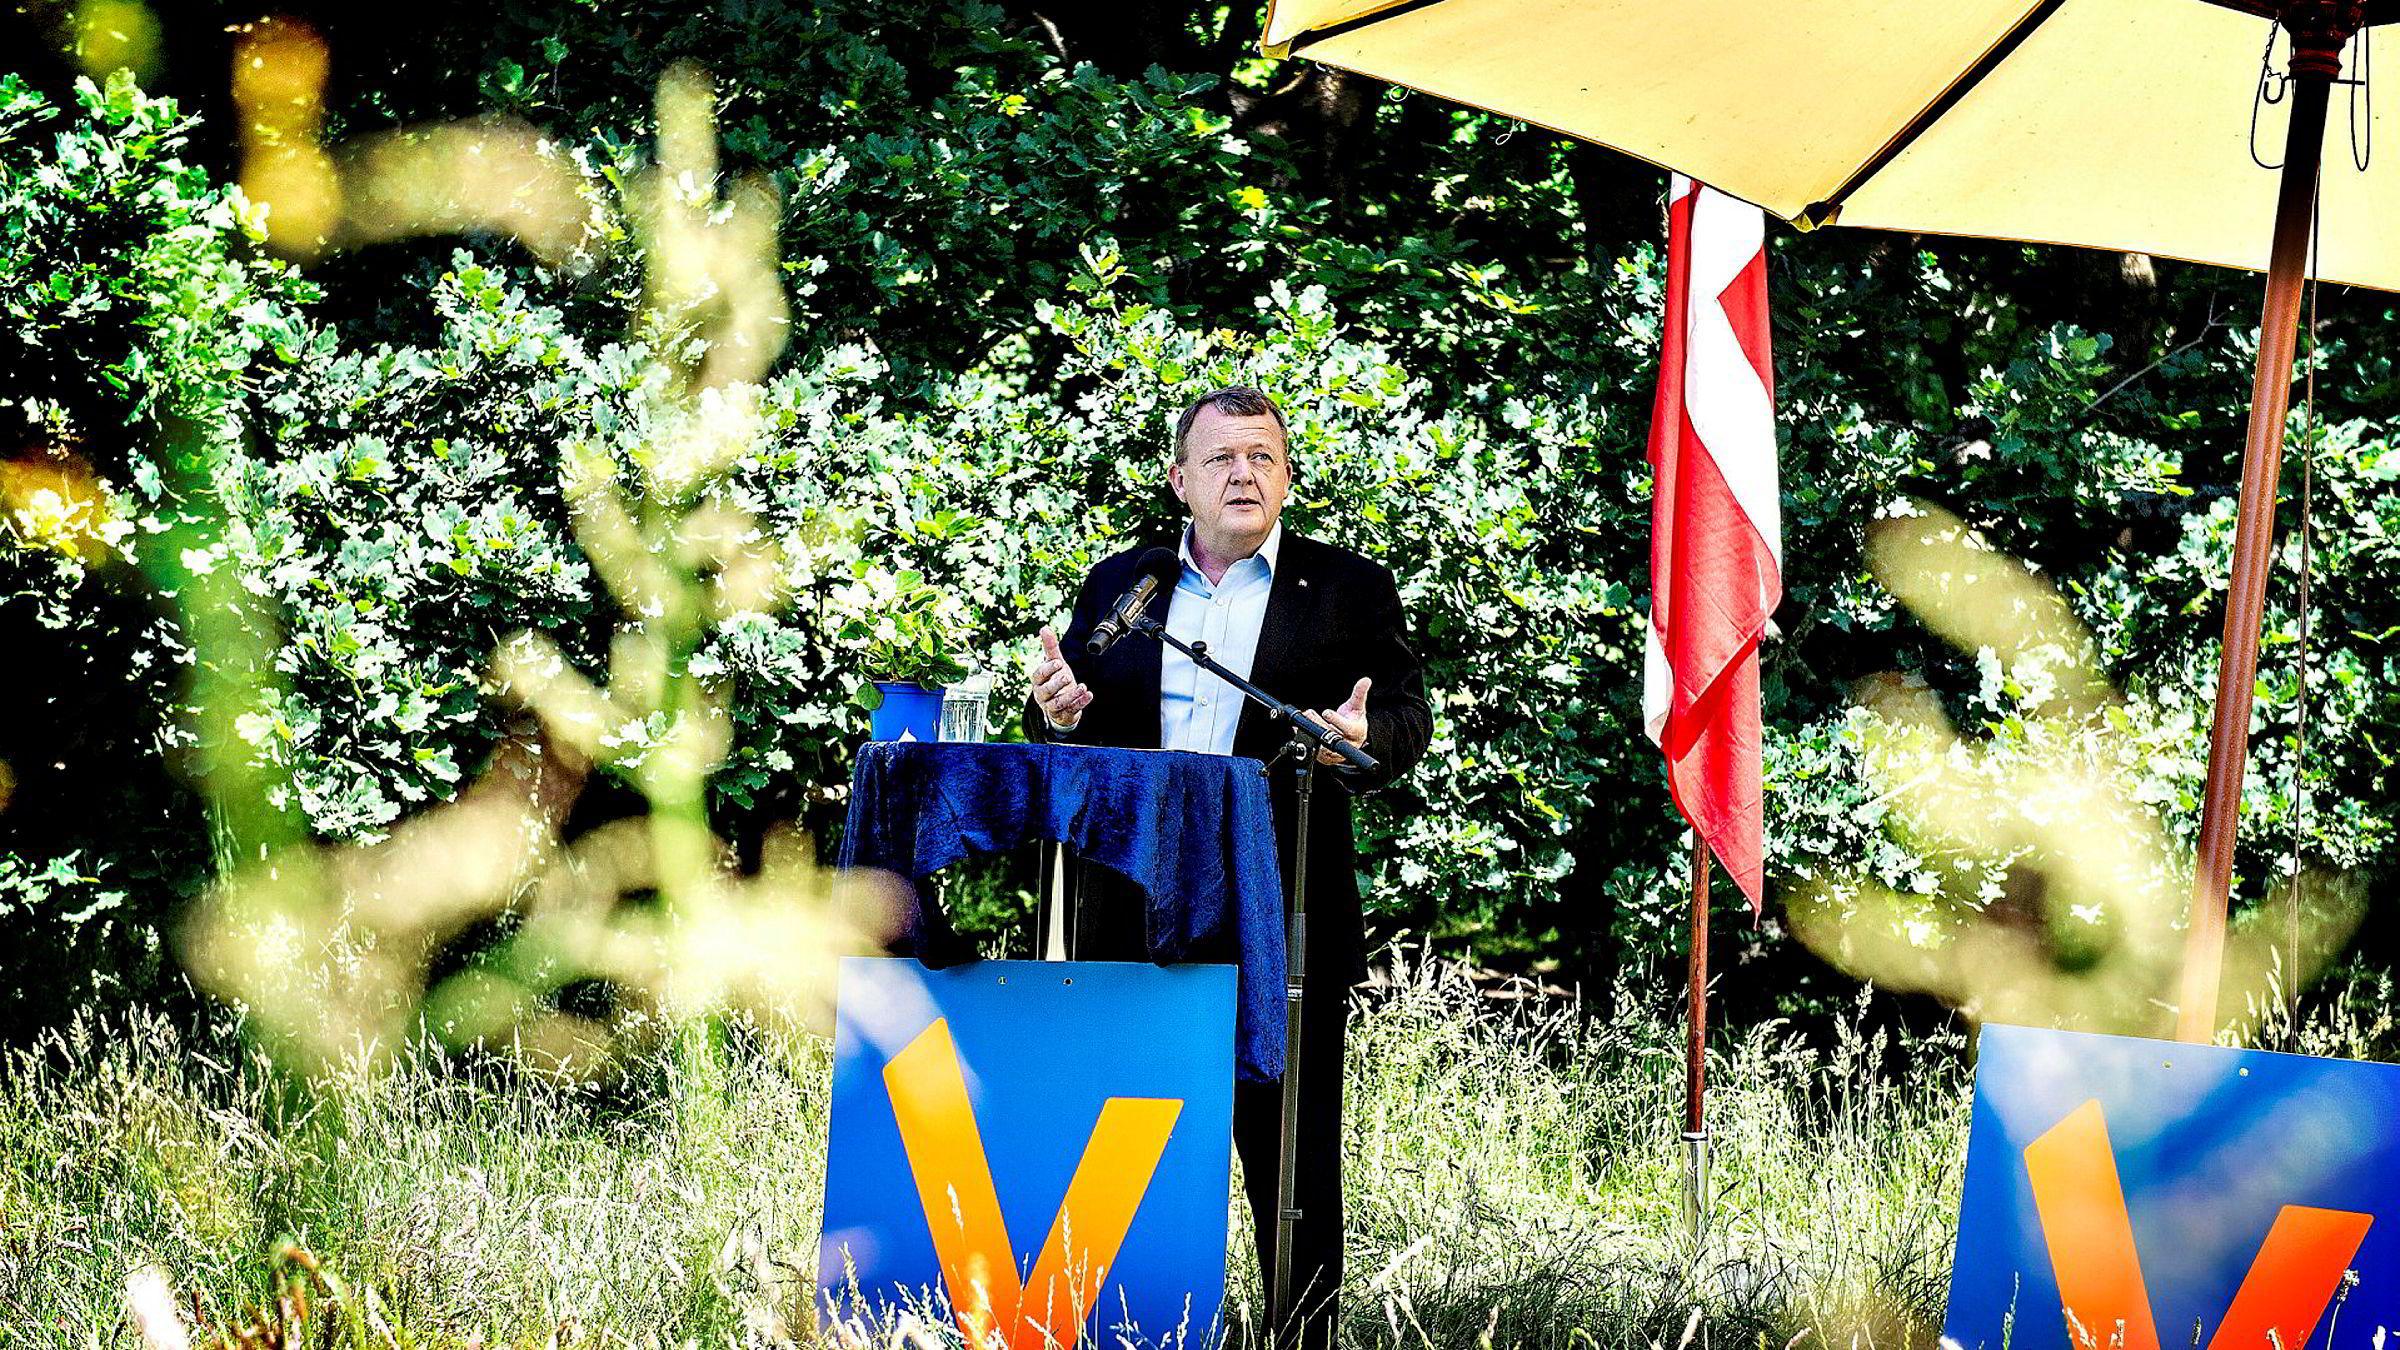 Danmarks statsminister Lars Løkke Rasmussen brukte nasjonaldagen tirsdag til å true migranter med opphold på et «ikke spesielt attraktivt sted».